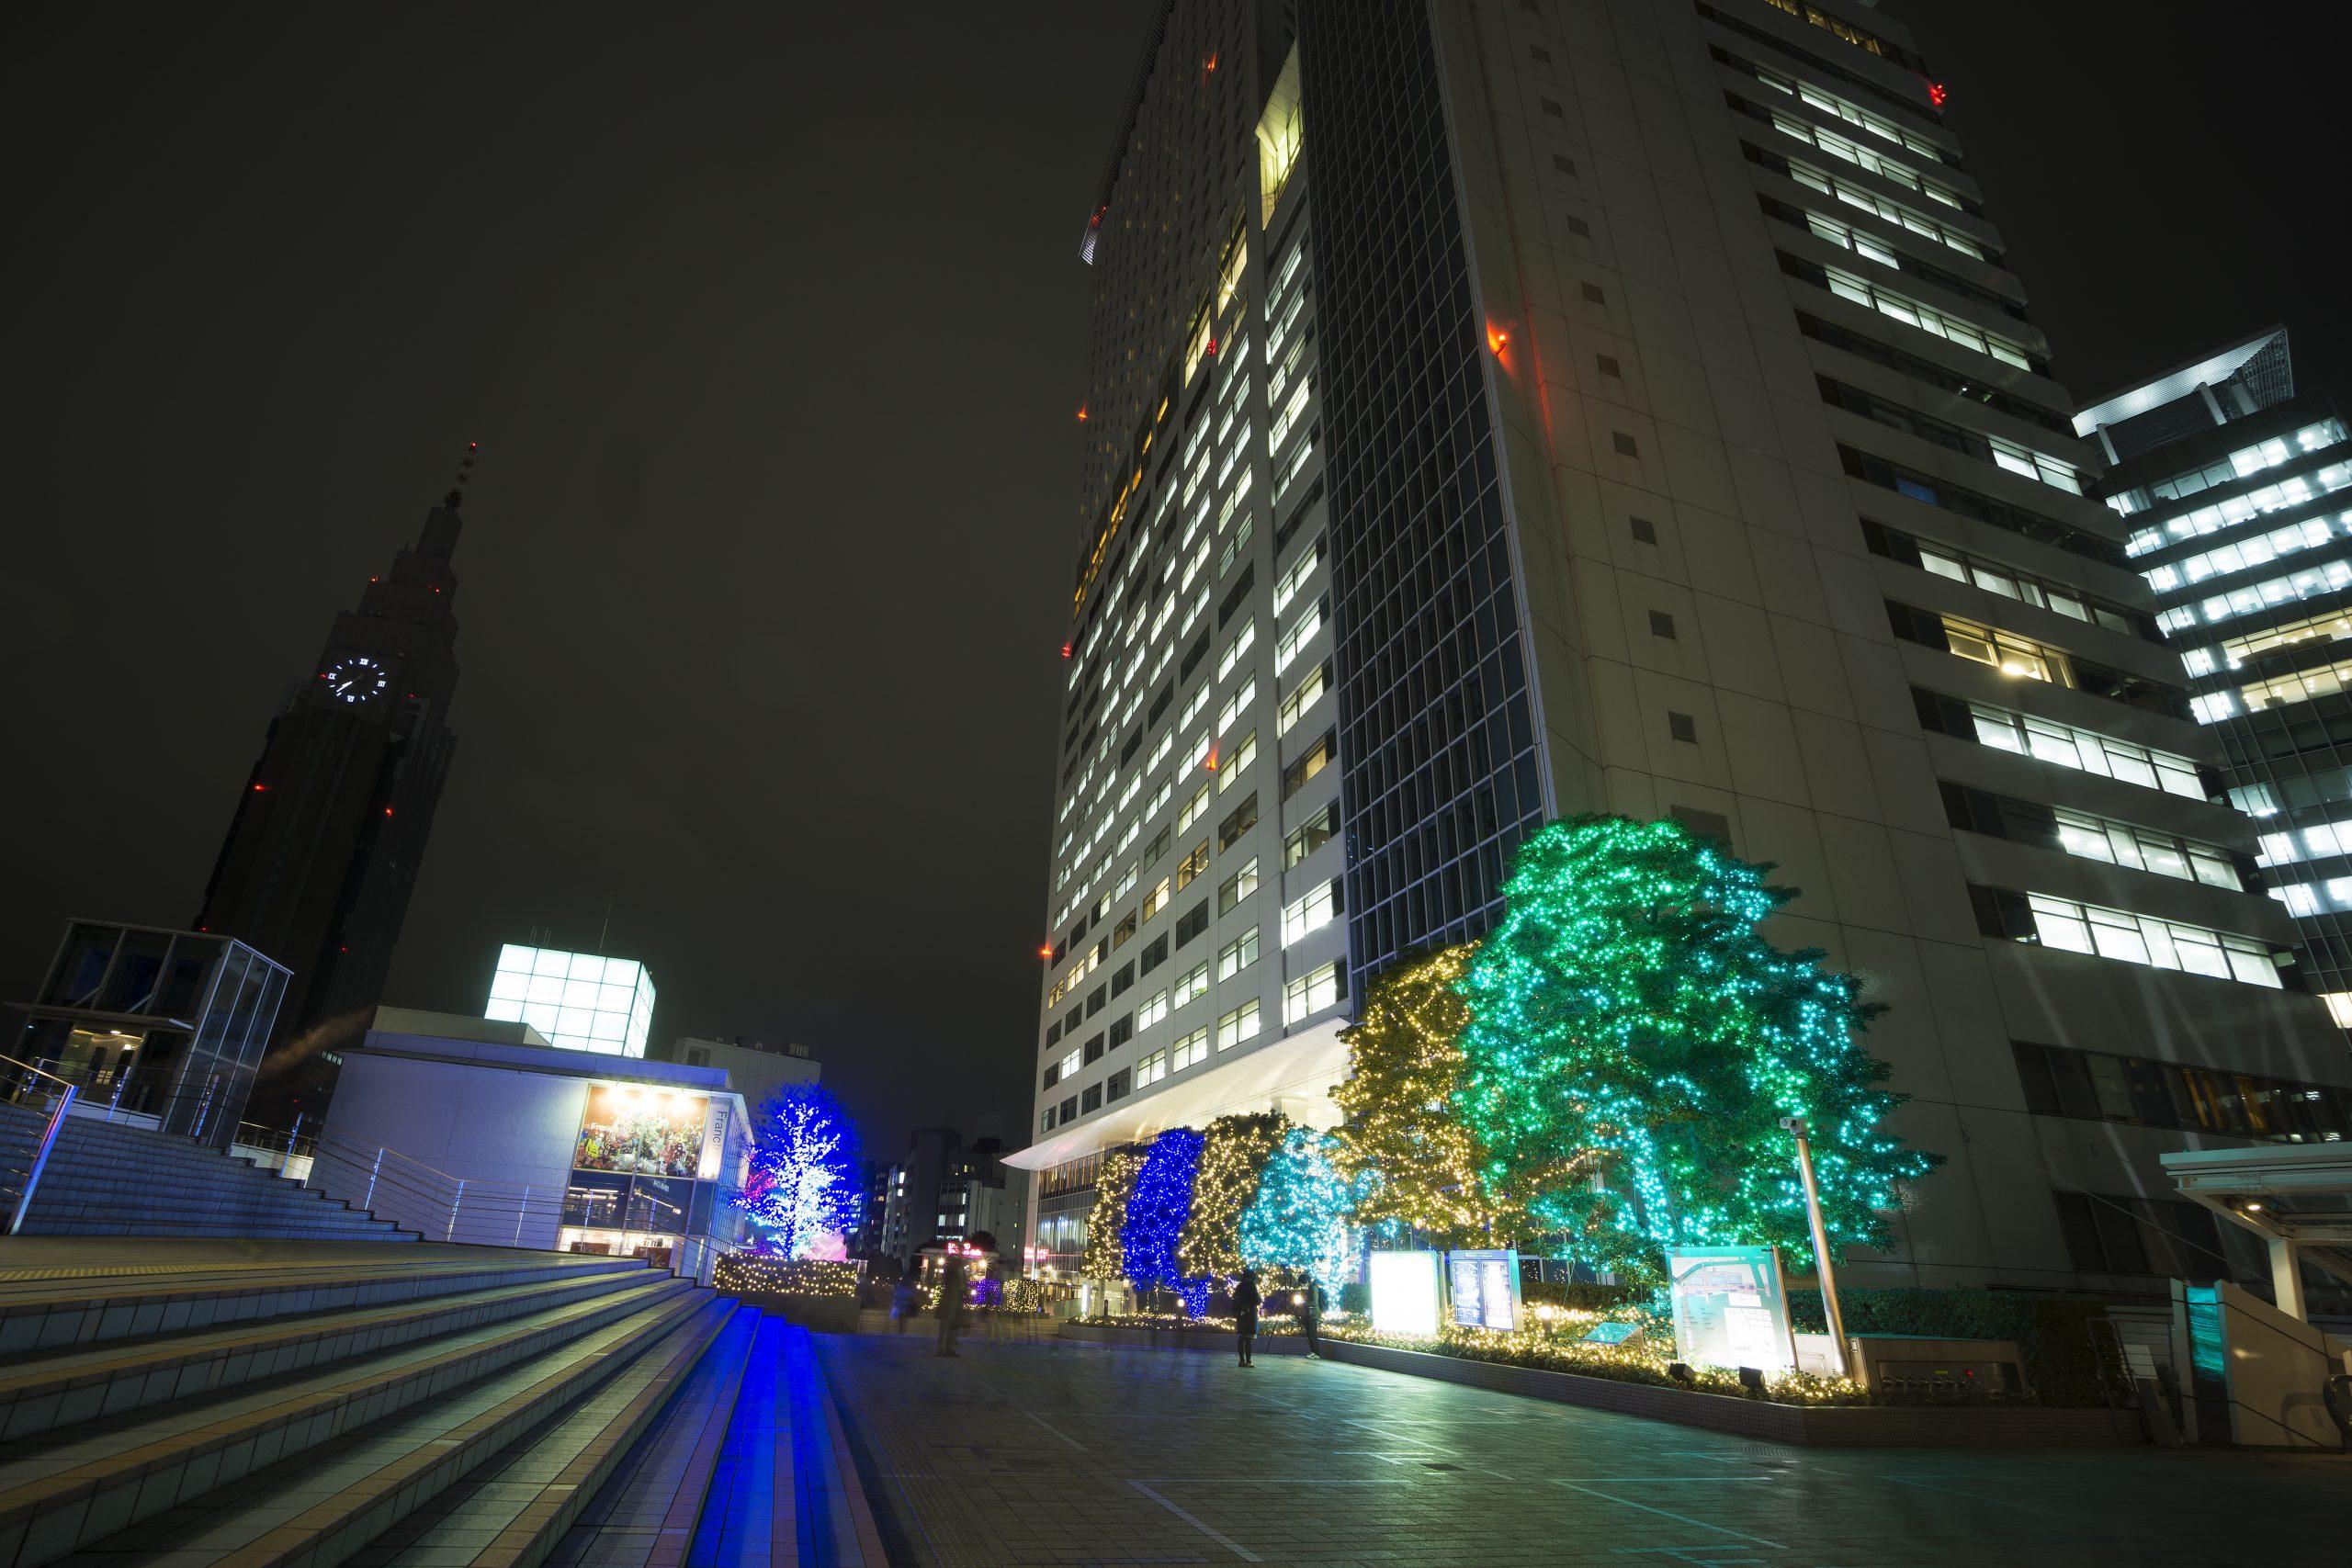 新宿駅前 サザンテラス クリスマスイルミネーション